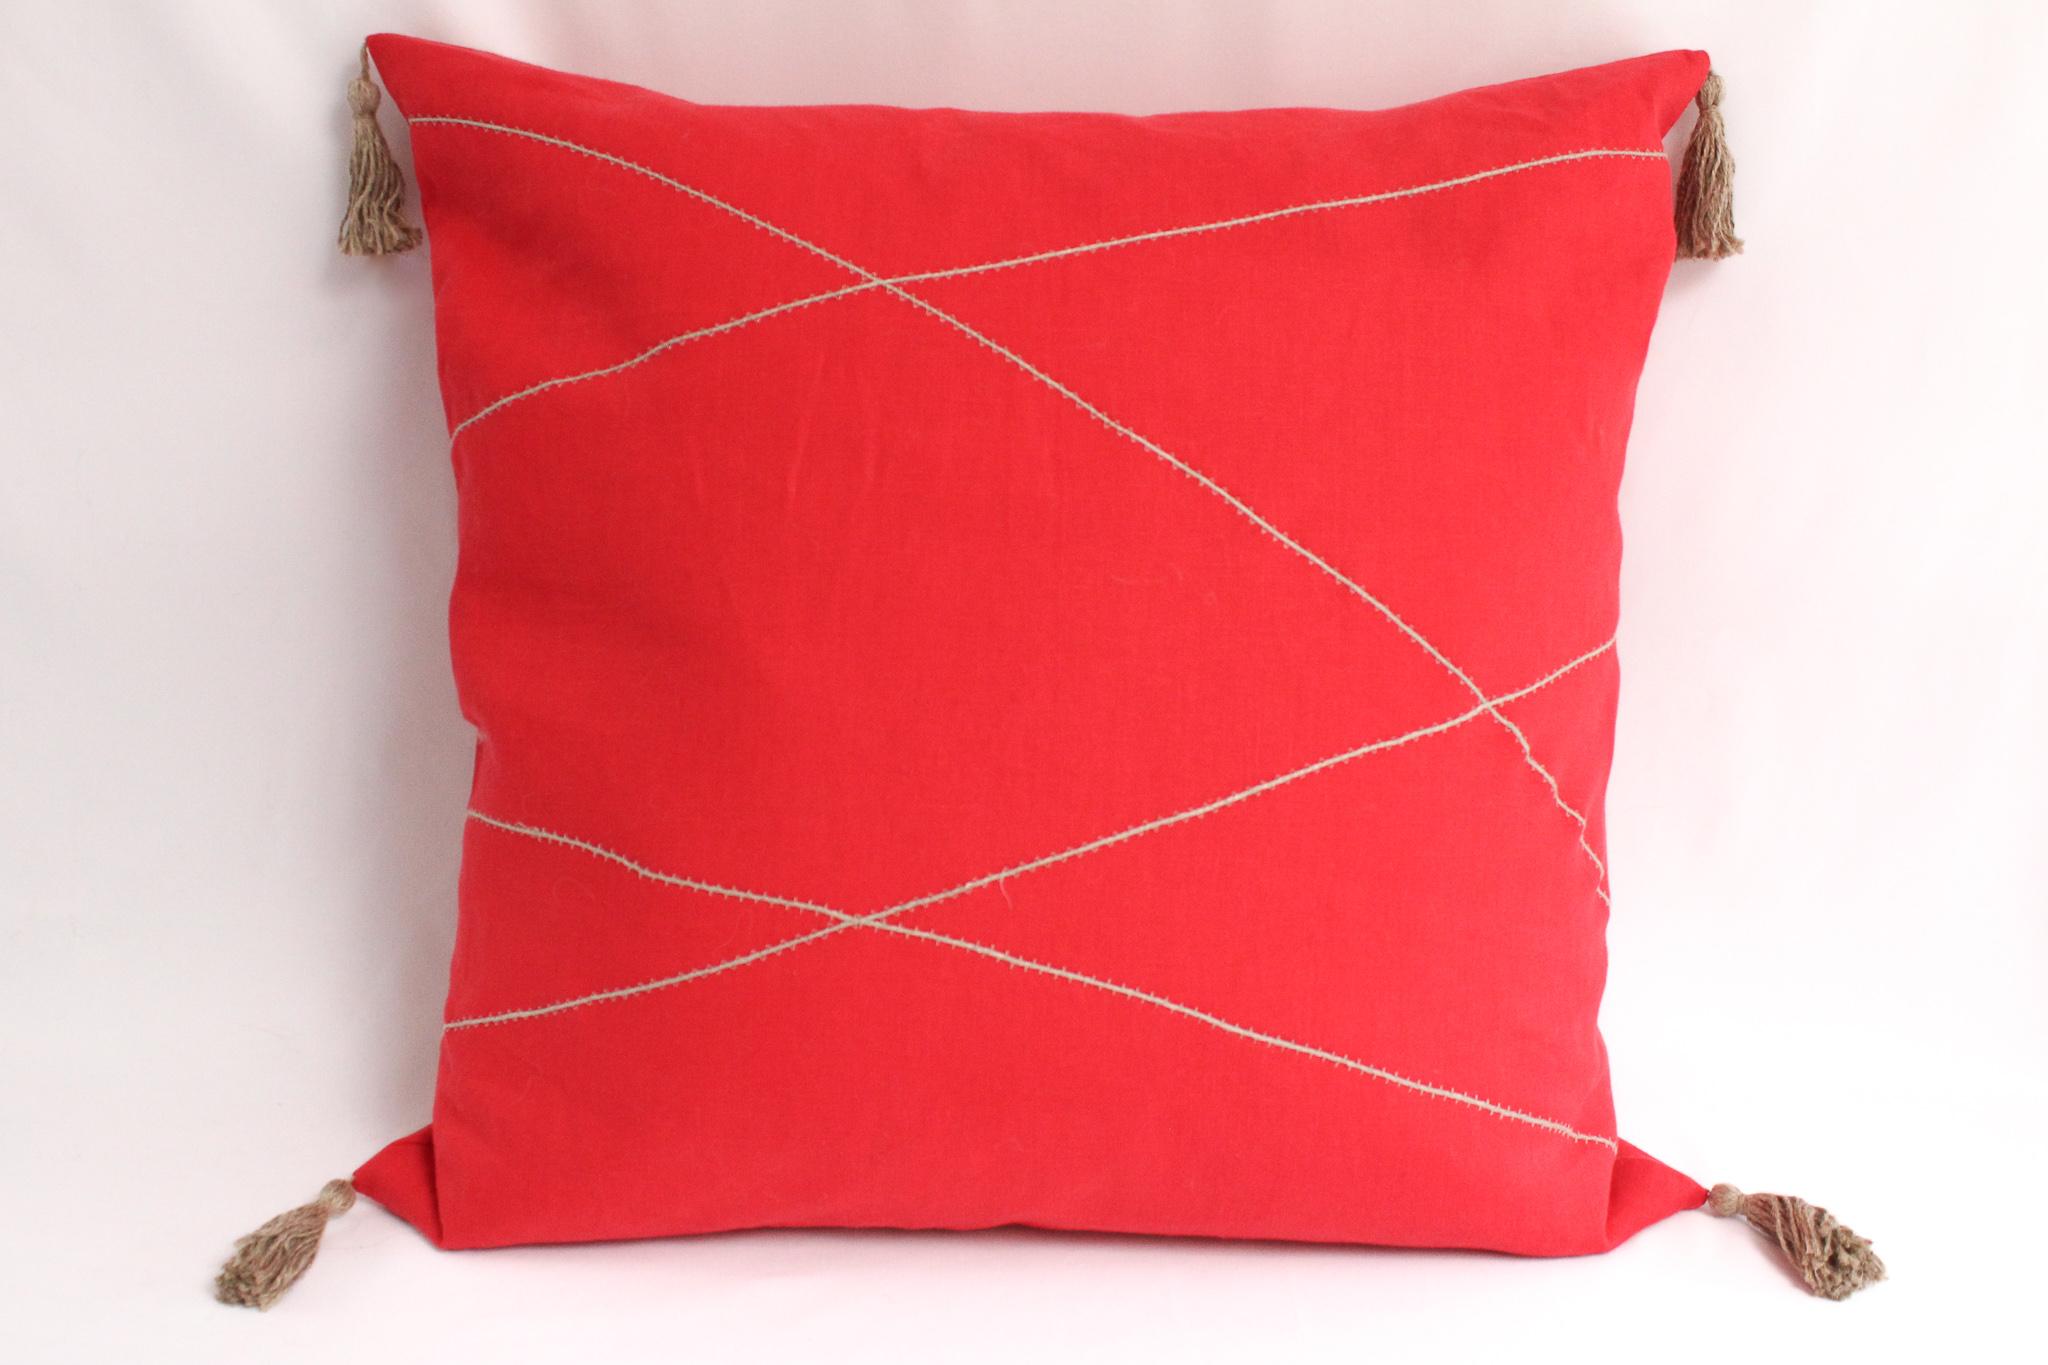 Cojín de lino 60x60 rojo y aplicaciones de lino